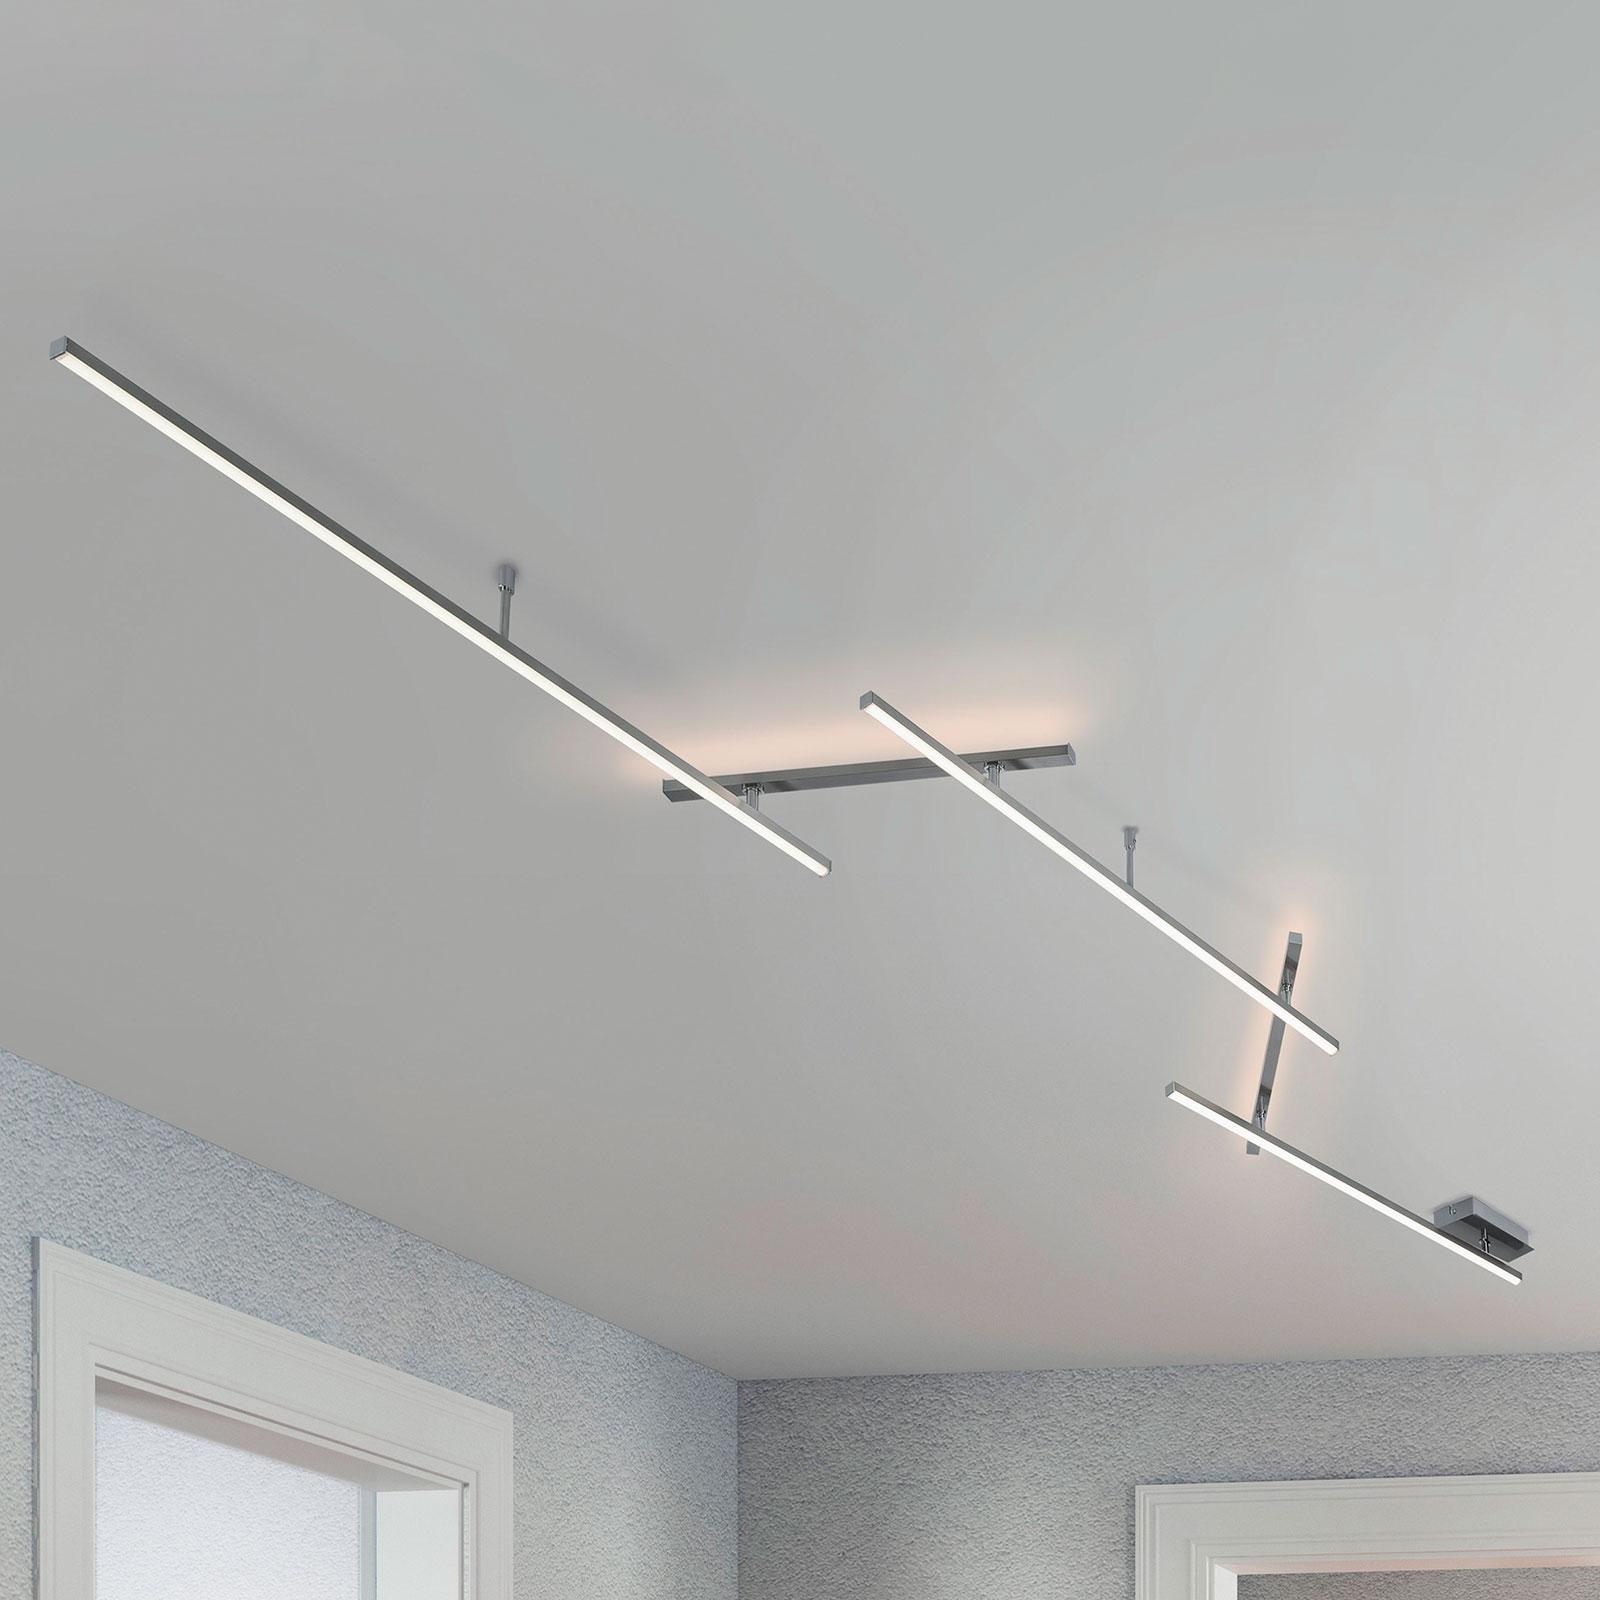 Schwenkbare LED-Deckenlampe Indira m. Dimmfunktion